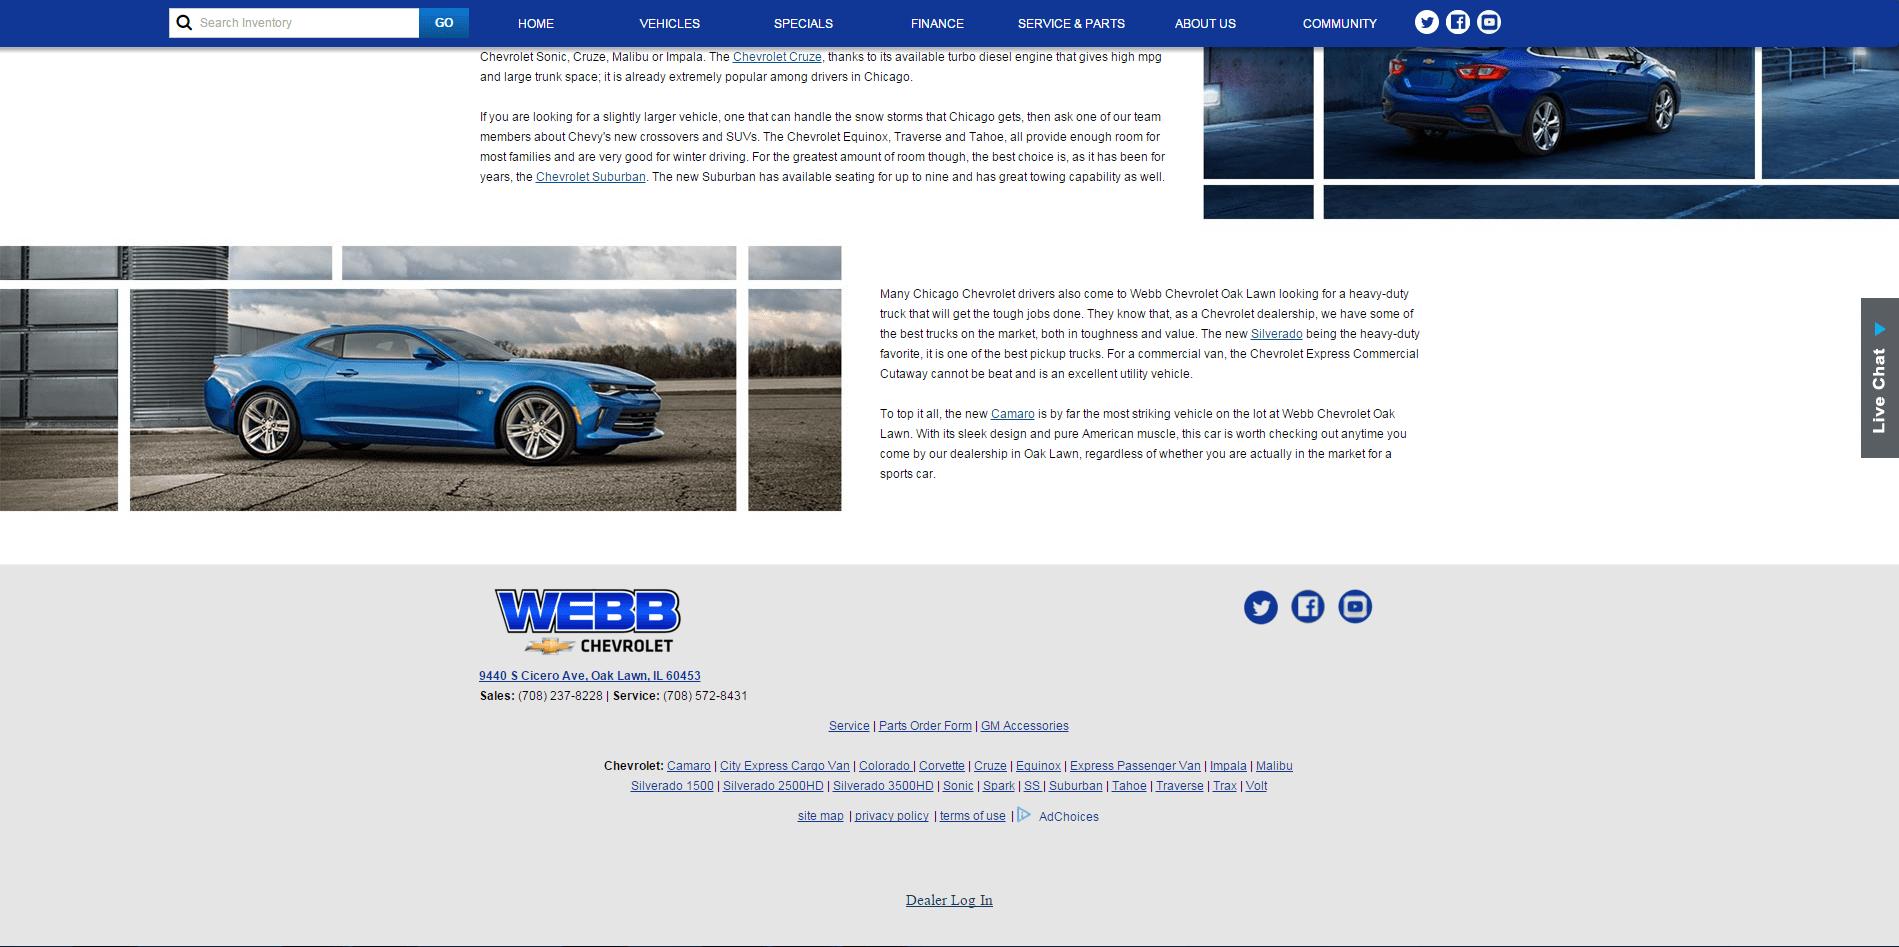 Webb Chevrolet (After) 1.5